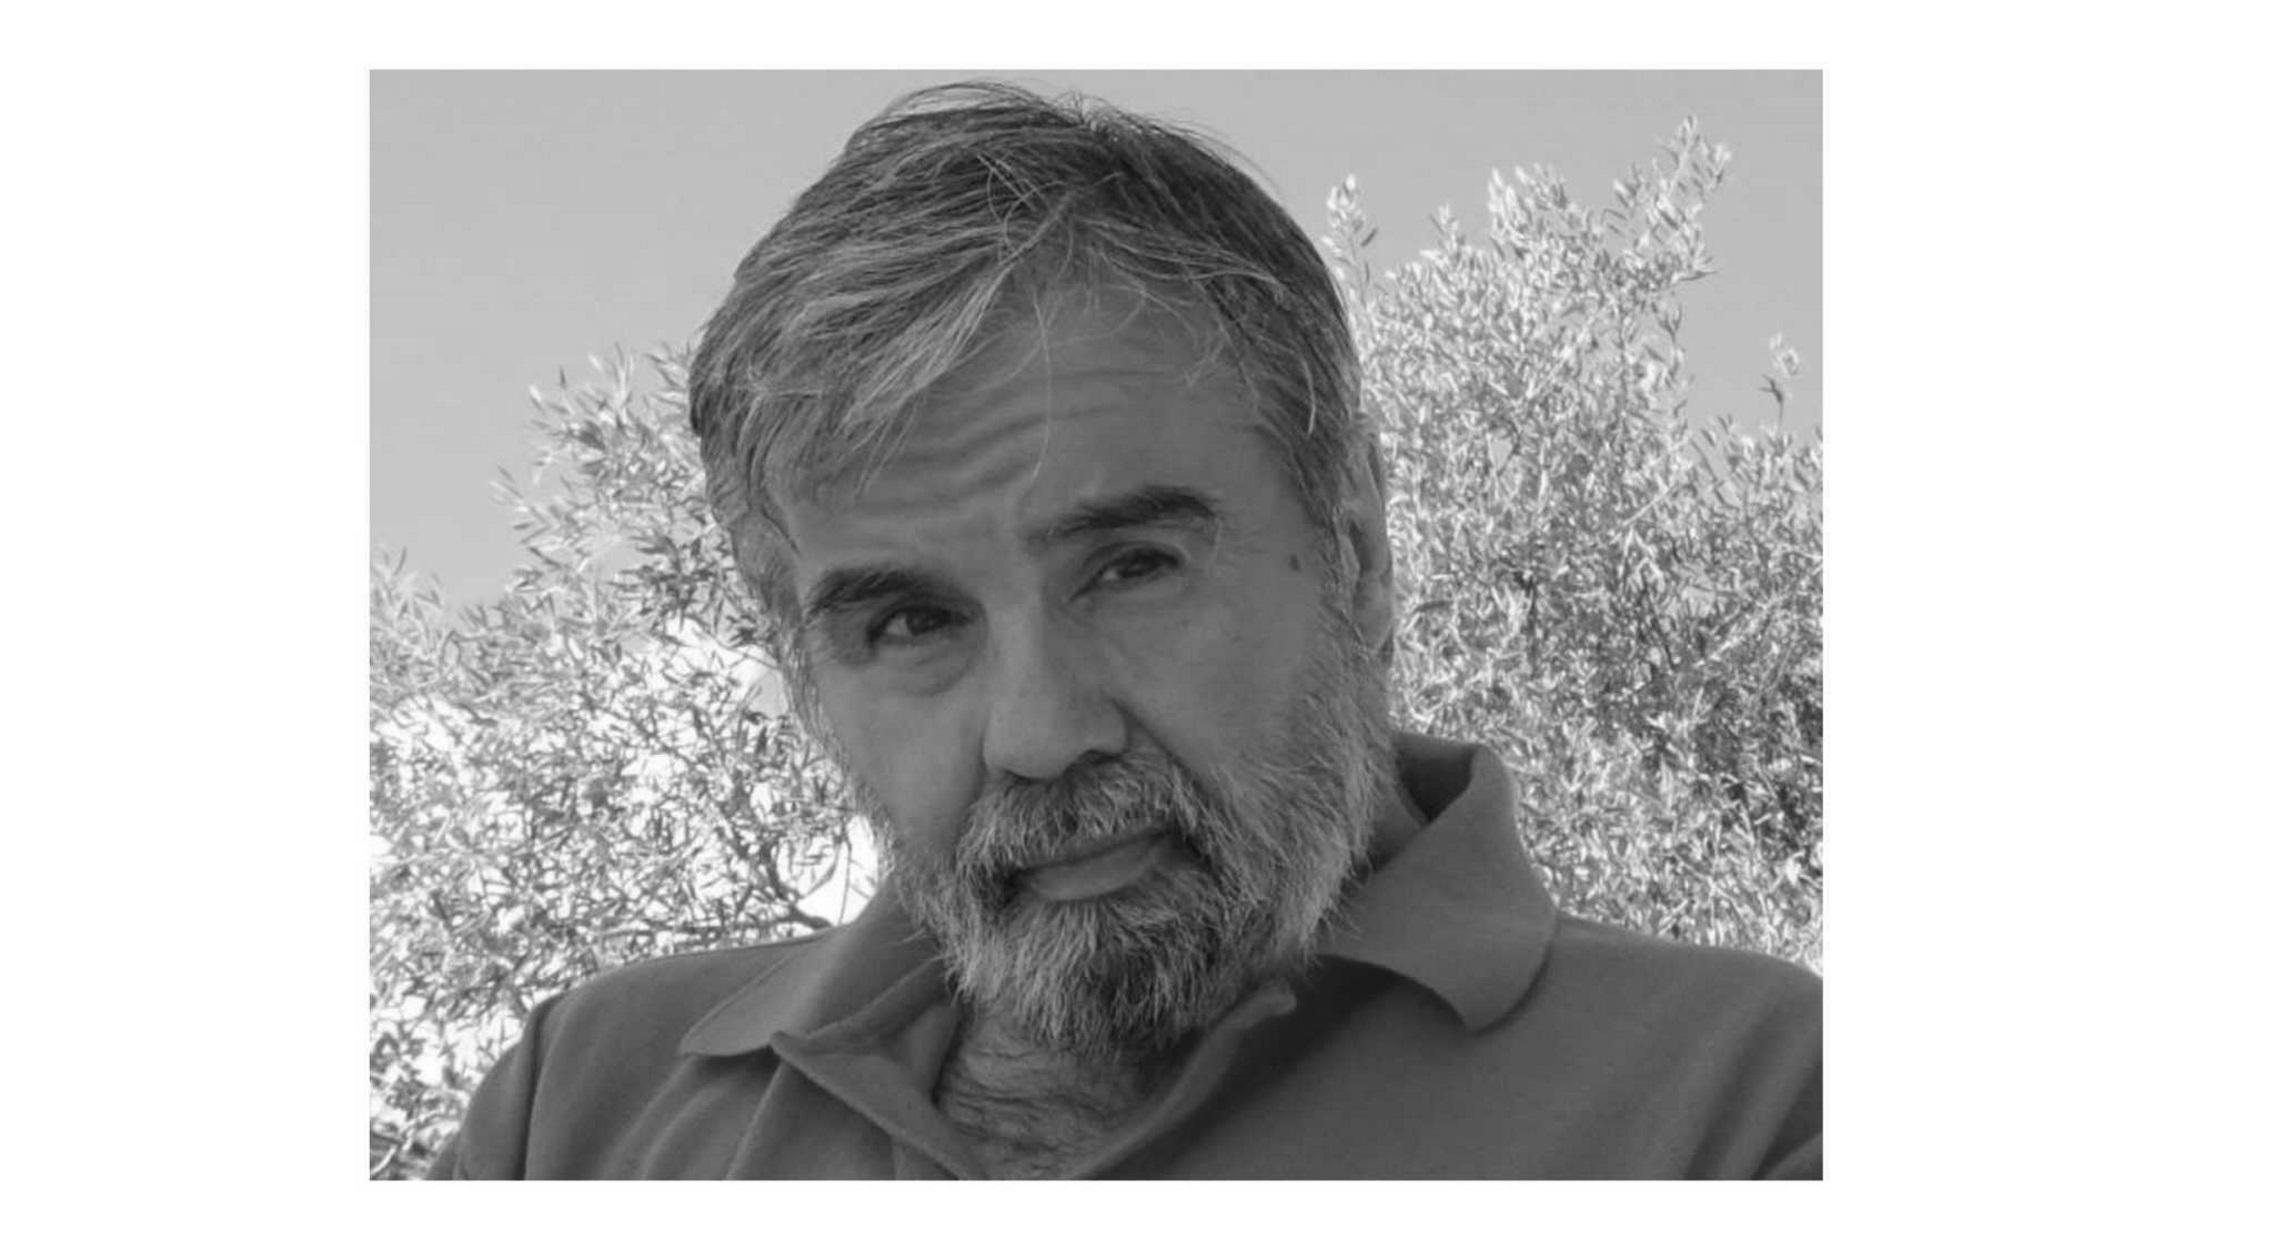 ΕΣΗΕΑ: Θλίψη για την απώλεια του Χρίστου Χαραλαμπόπουλου